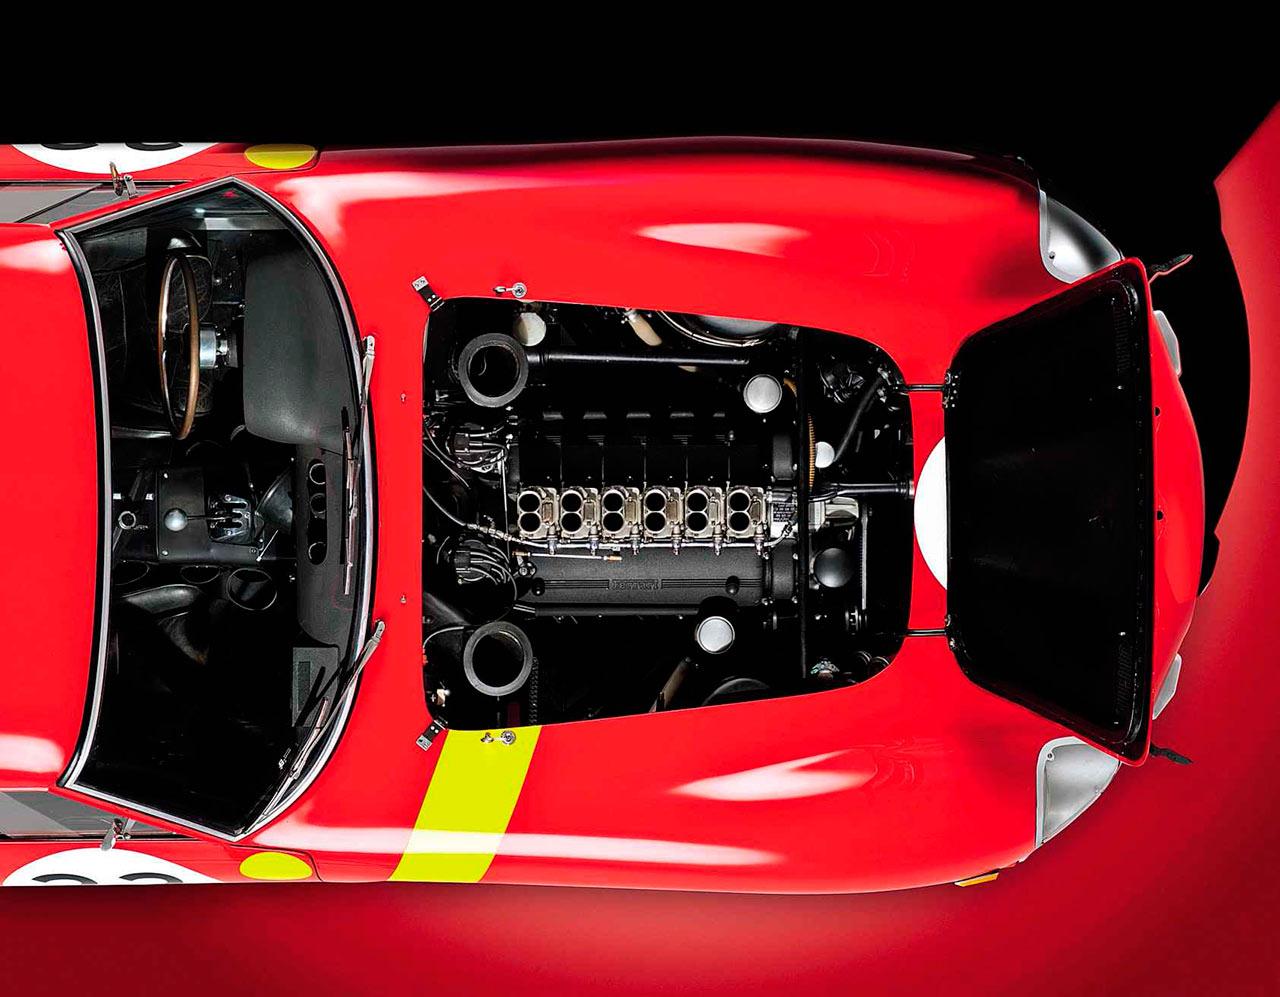 Ferrari 250 V12 engine